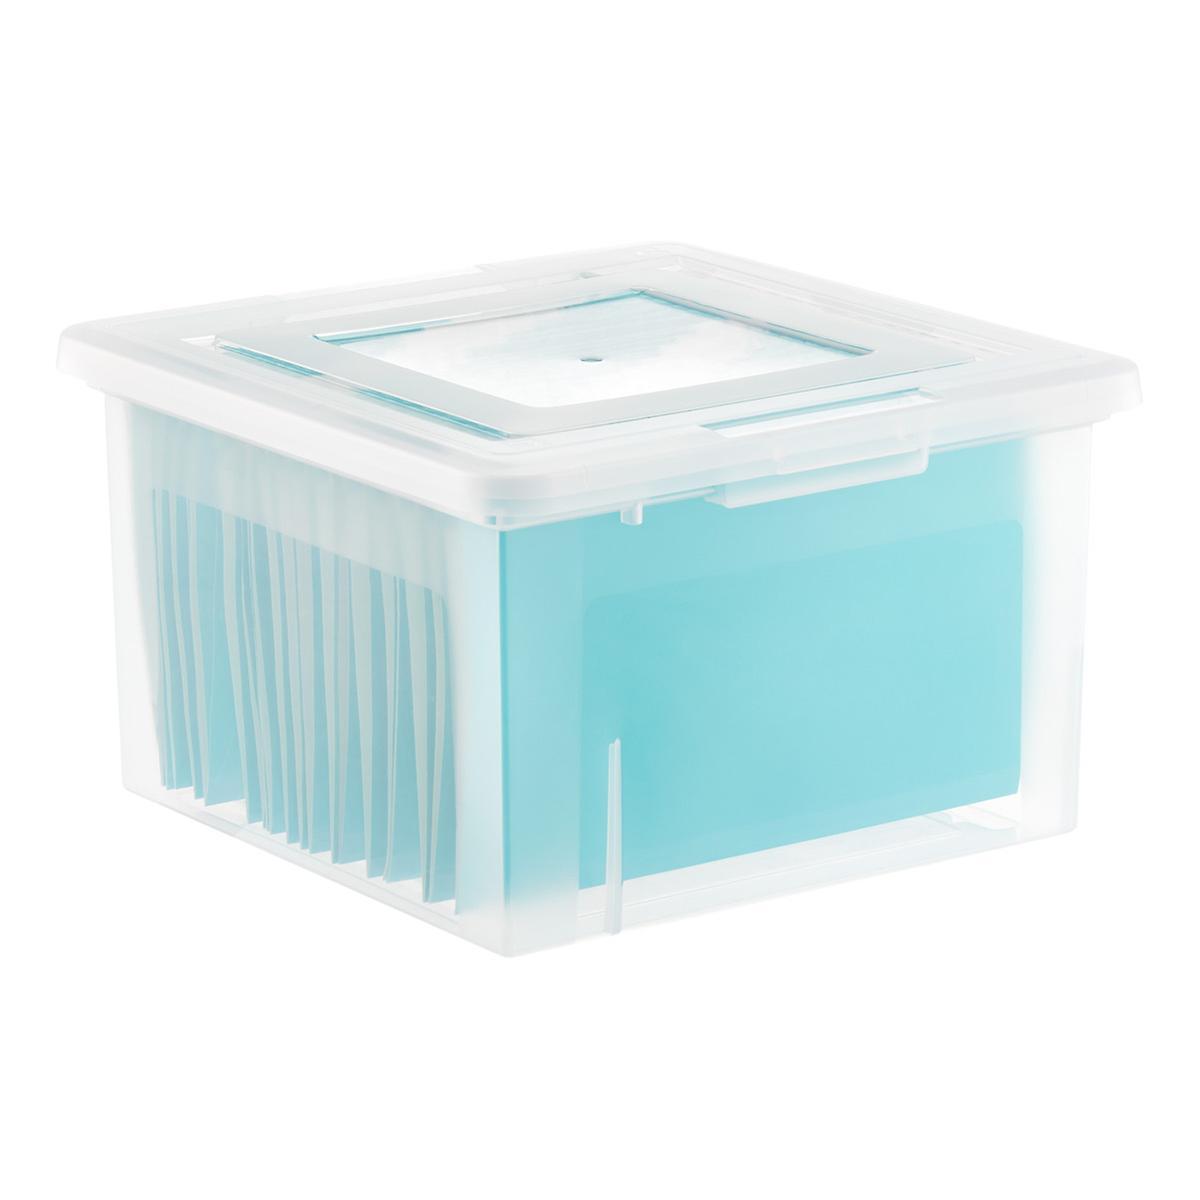 Iris Letter/Legal File Box